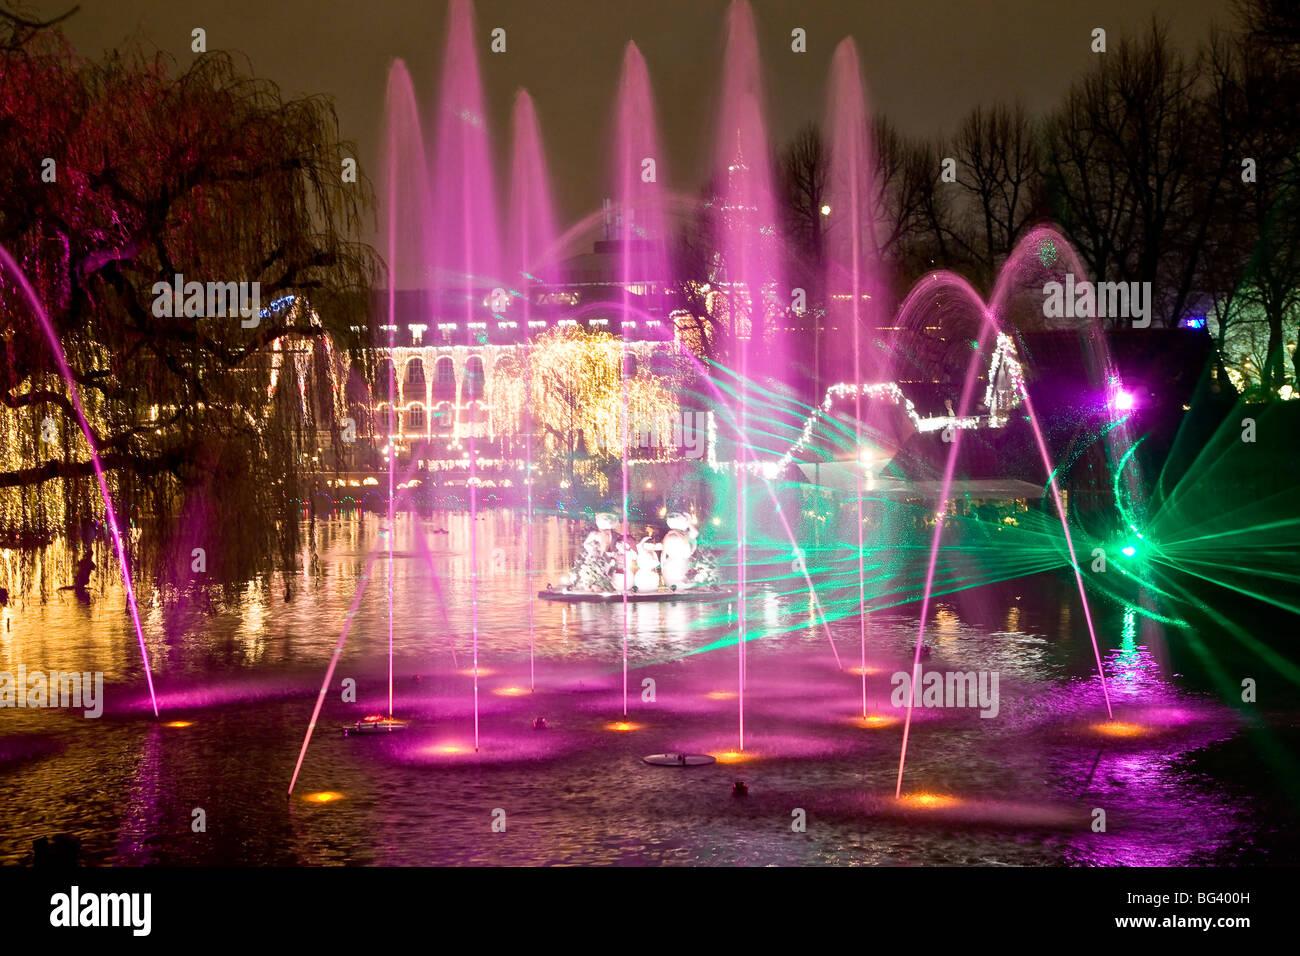 Illuminations at the Tivoli Lake - Stock Image